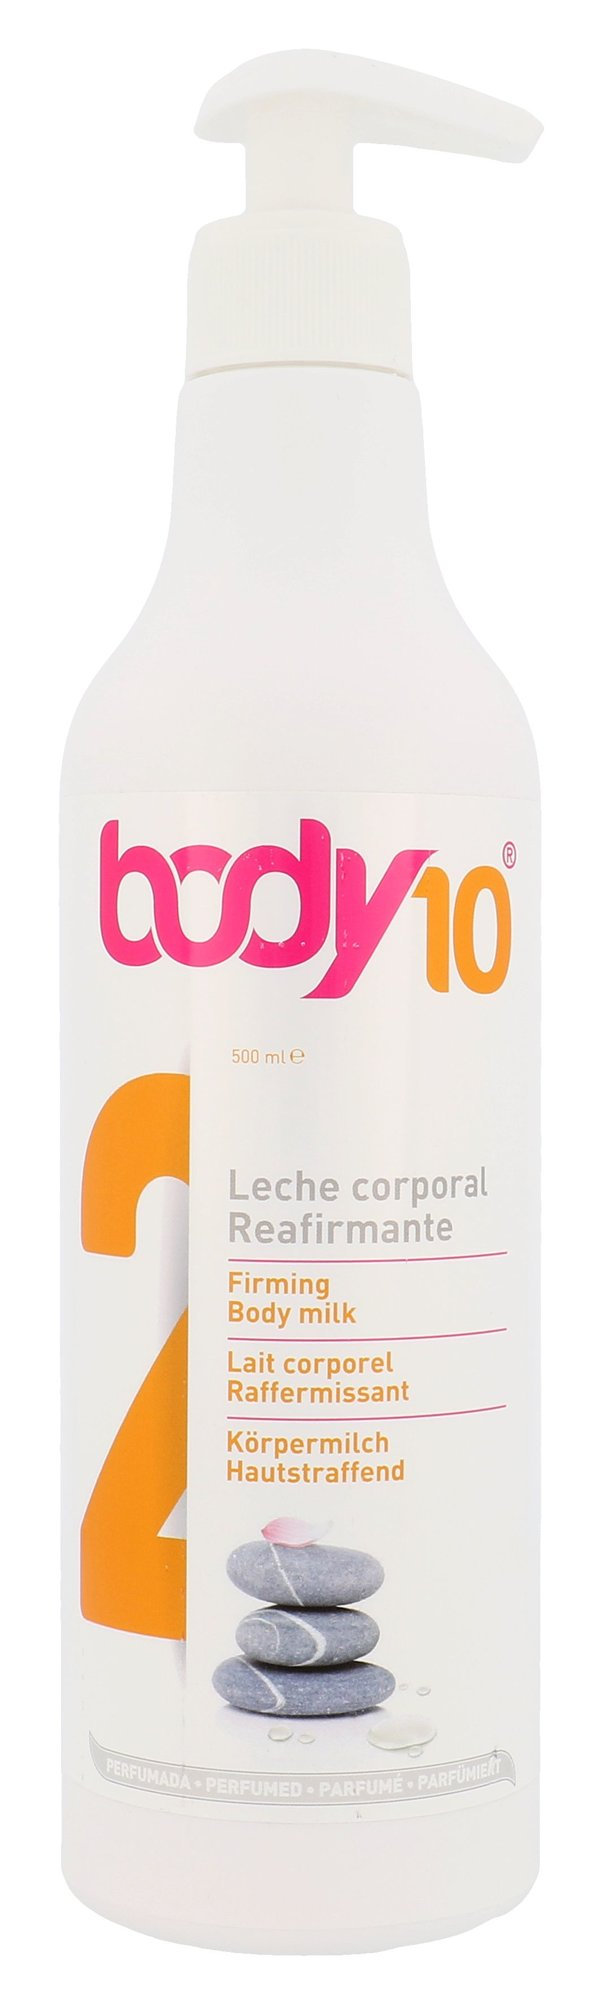 Diet Esthetic Body 10 Cosmetic 500ml